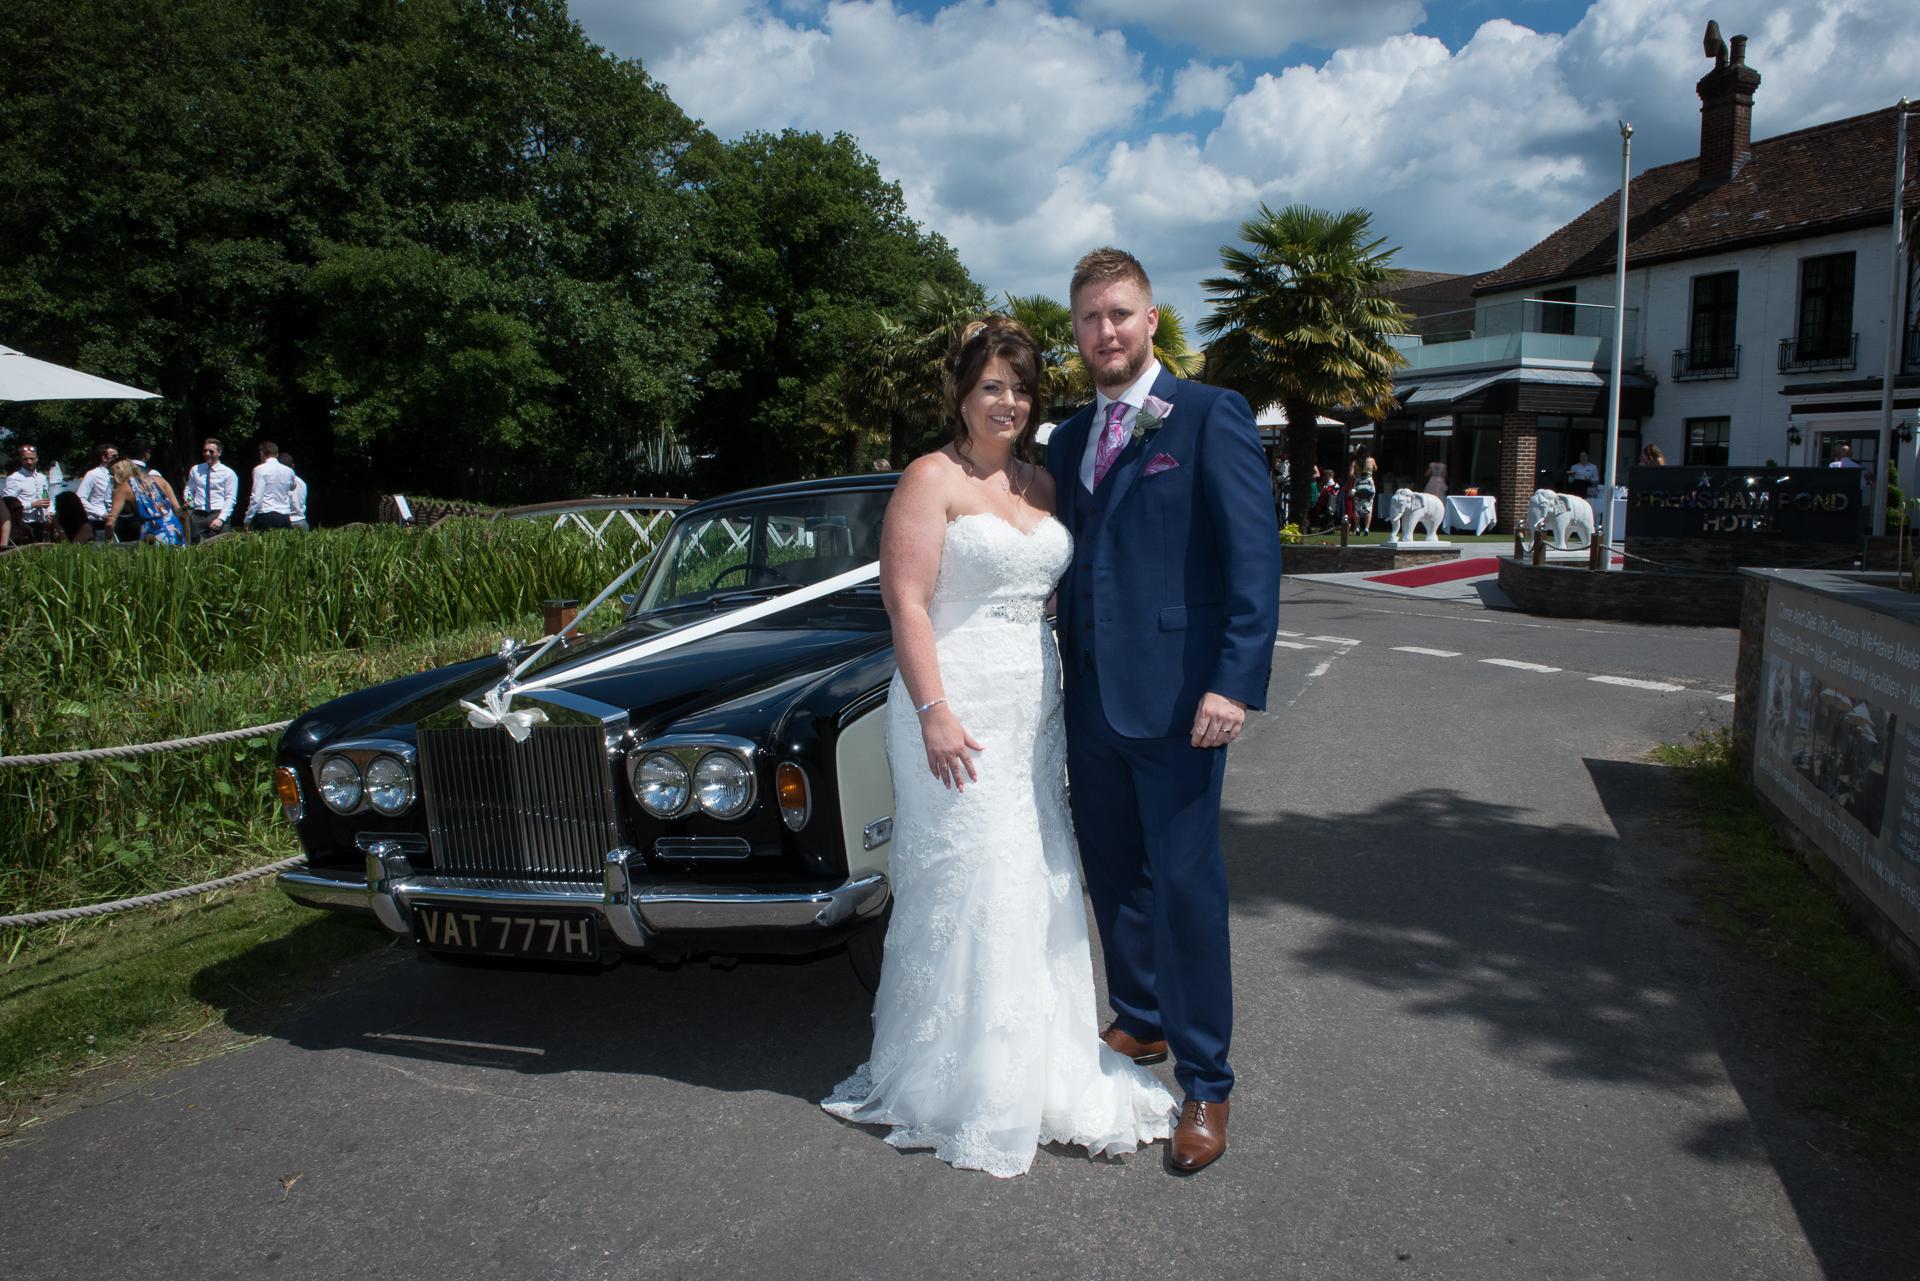 Frensham-Pond-Hotel-wedding_33.JPG